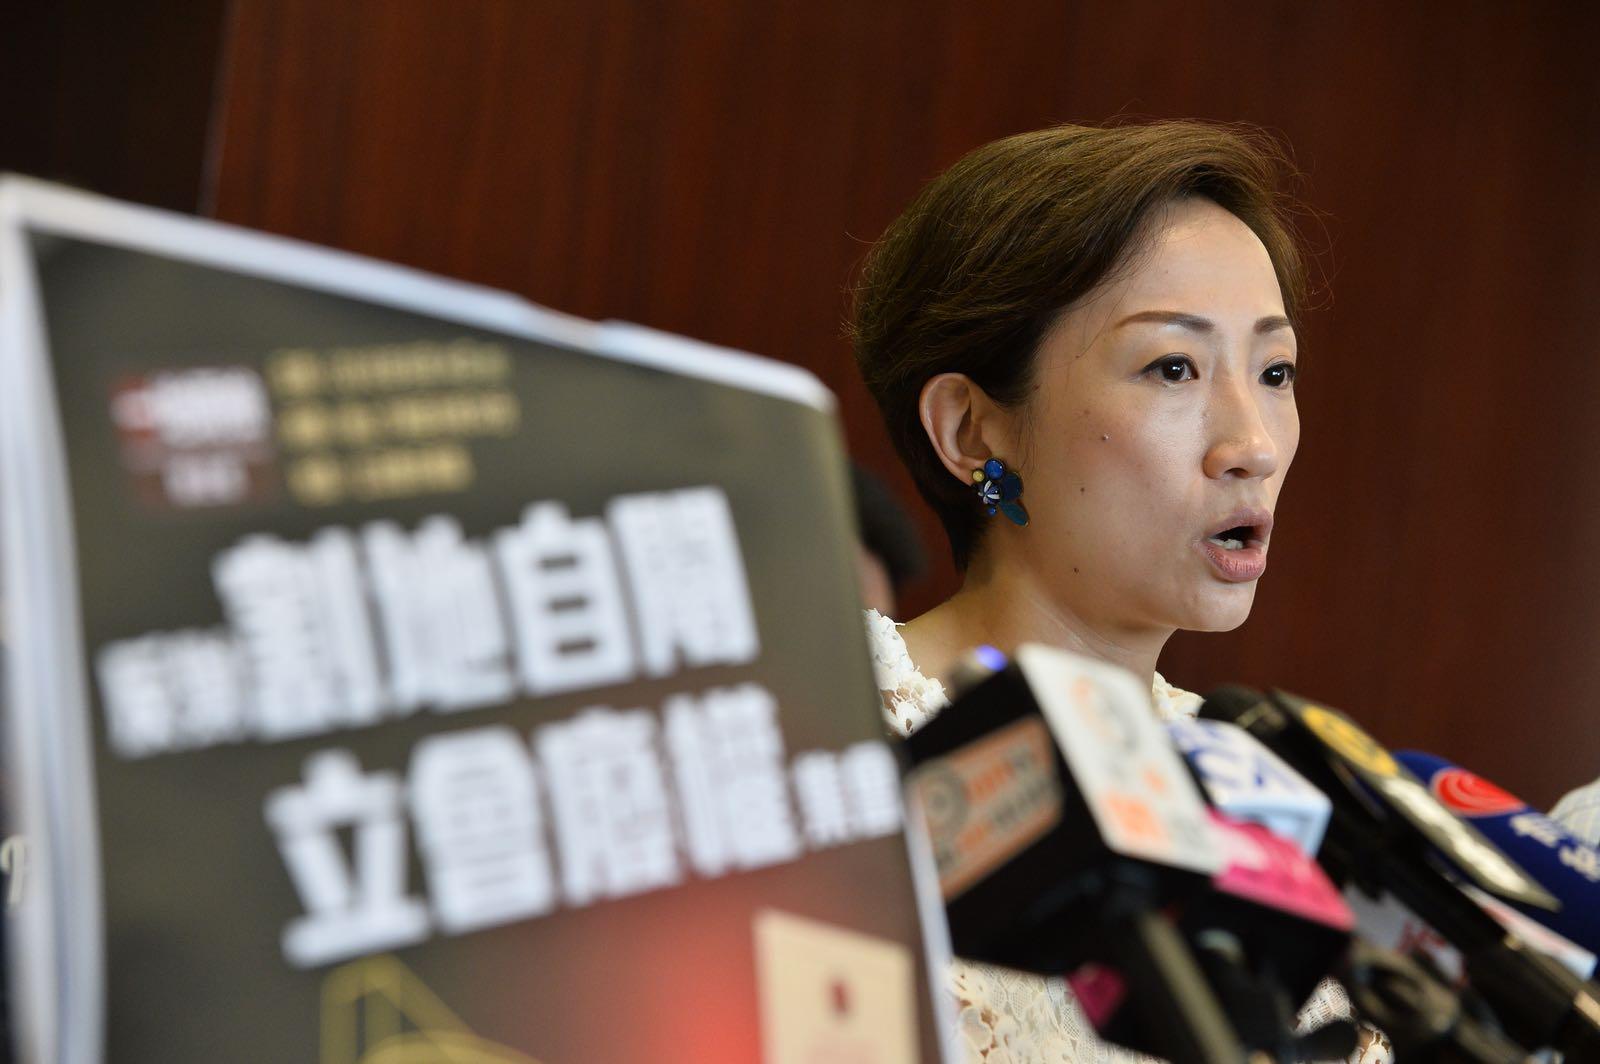 陳淑莊不滿政府無理會關注組提出「一地兩檢」設在福田的建議。